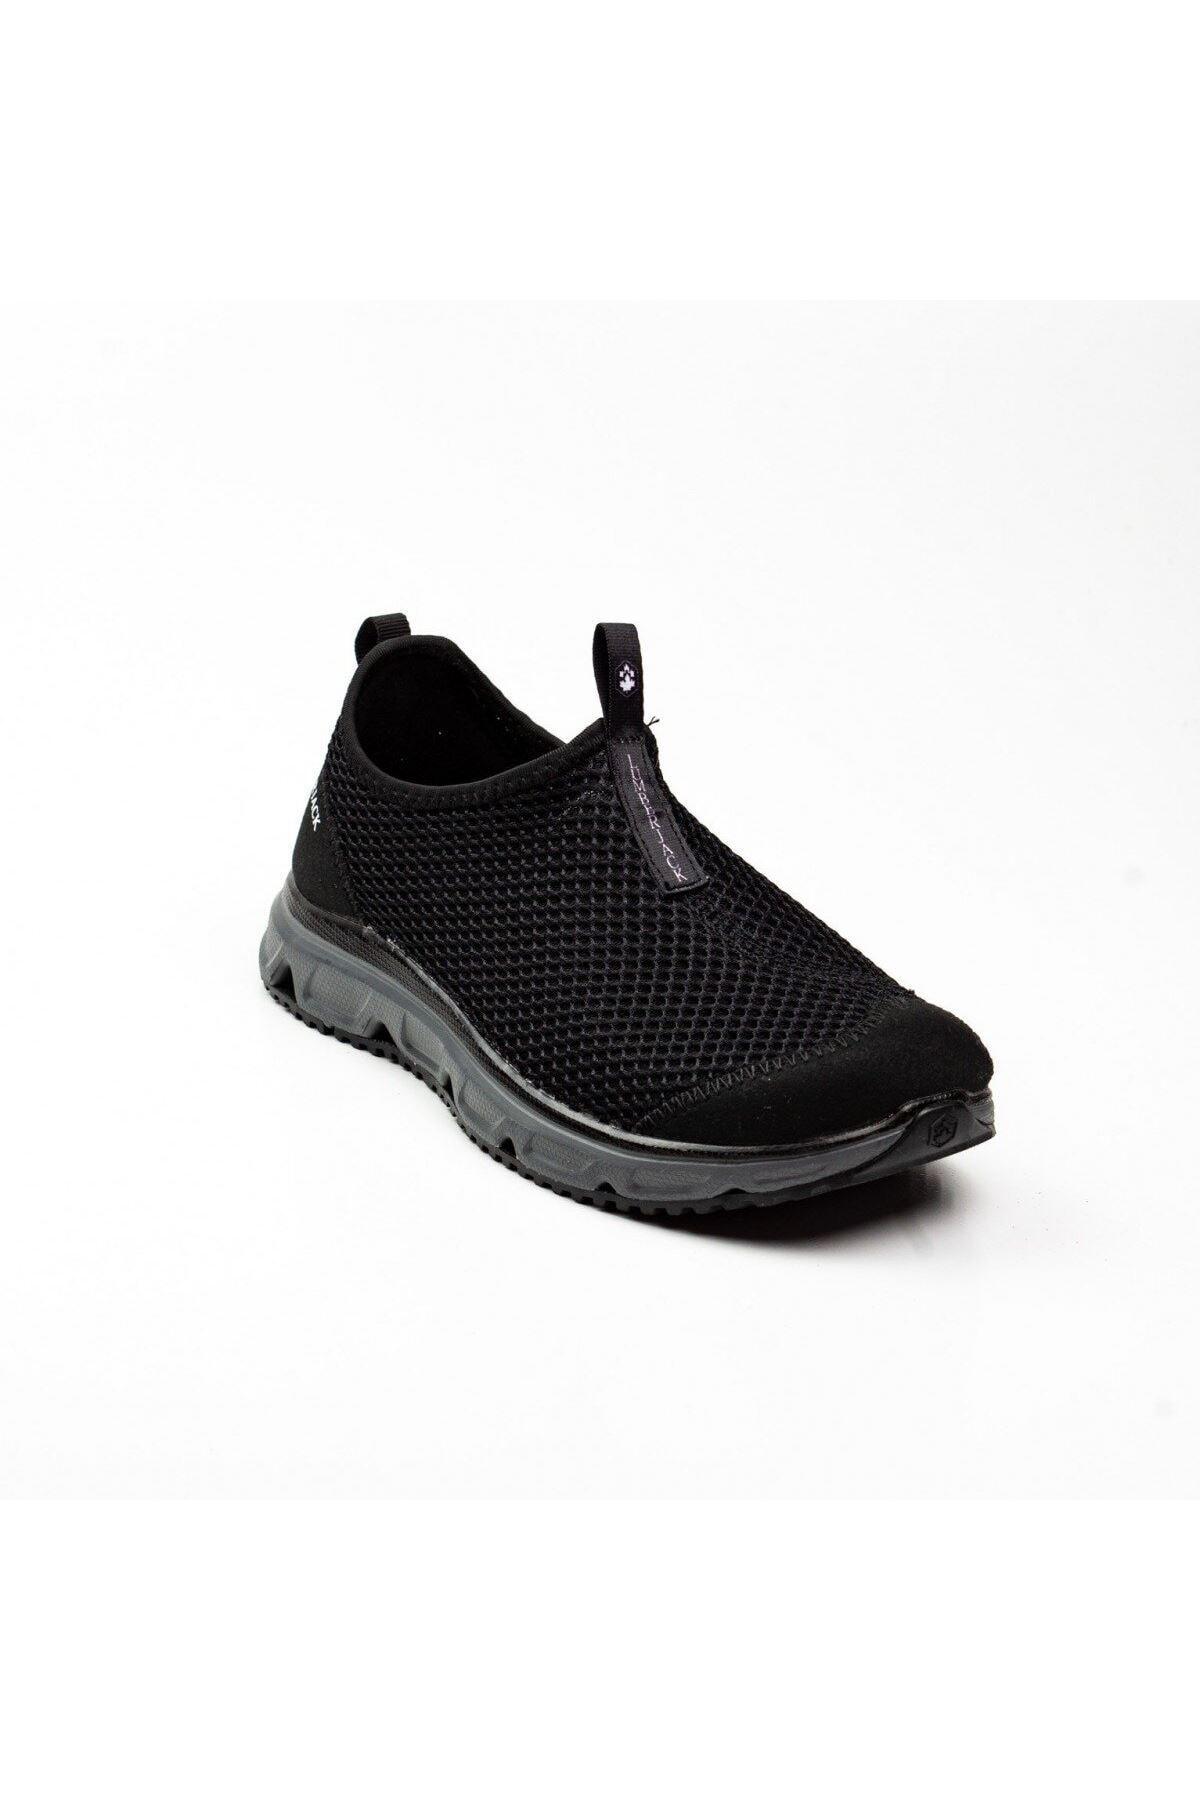 As00621577 101013906 1m Panto Wmn 1fx Kadın Günlük Ayakkabı